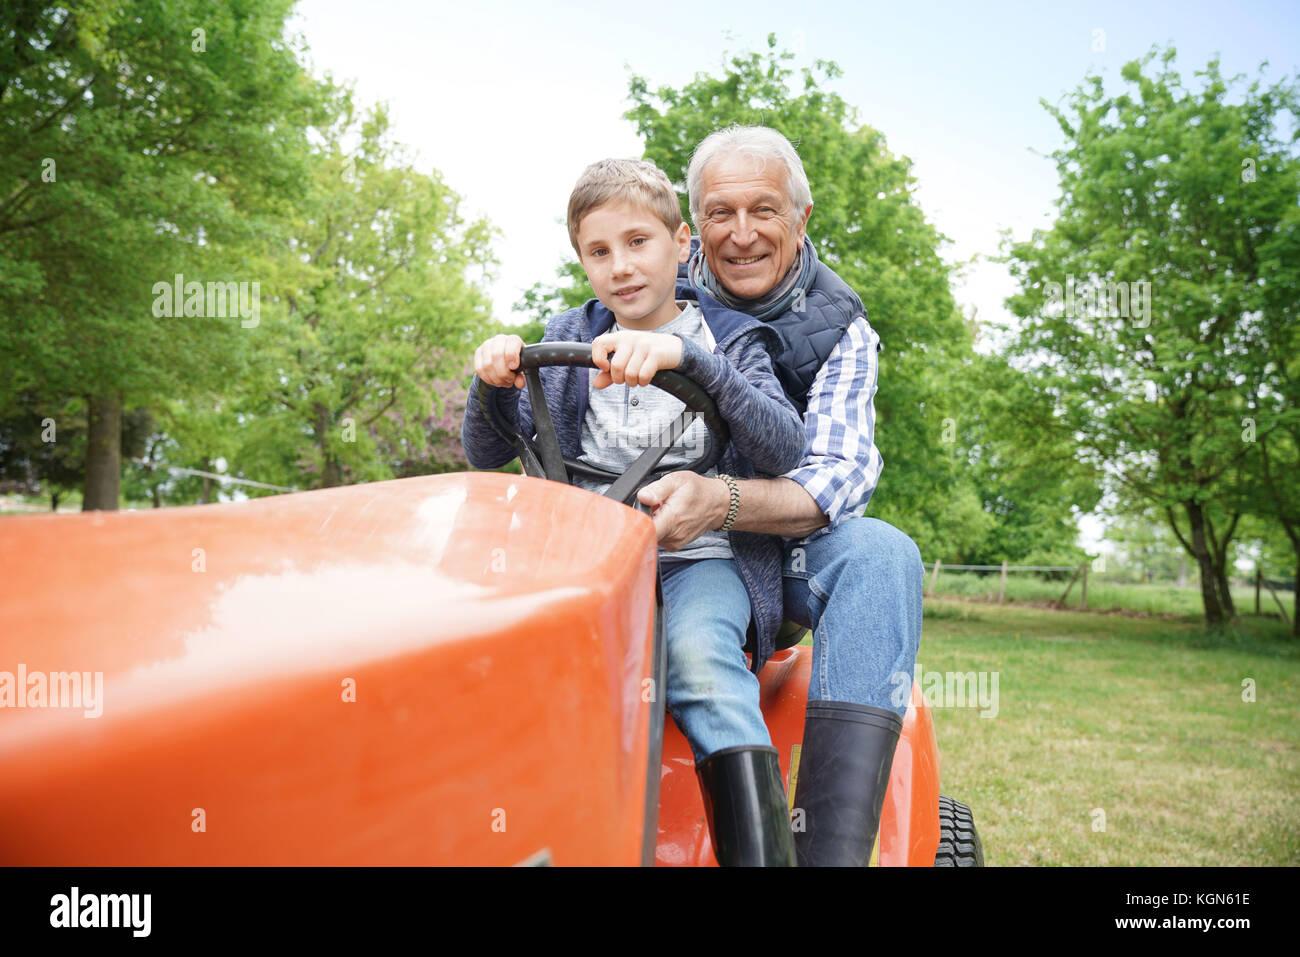 Man grandkid équitation sur tondeuse Photo Stock